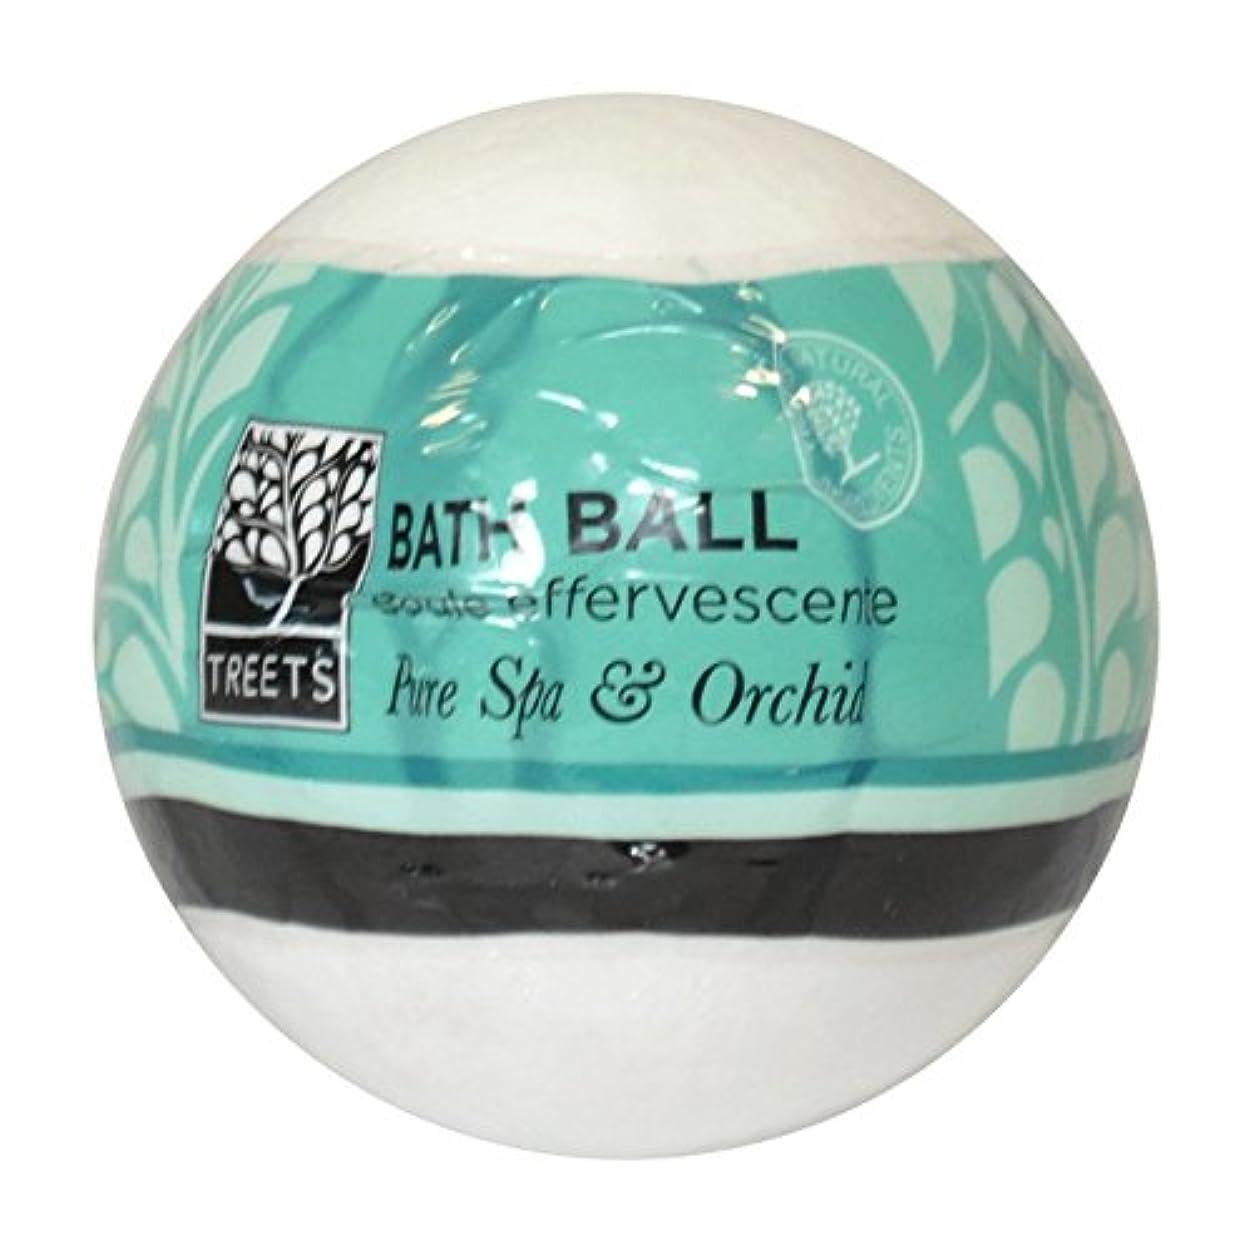 ノイズインスタンス決定するTreets Orchid & Pure Spa Bath Ball (Pack of 6) - Treets蘭&純粋なスパバスボール (x6) [並行輸入品]